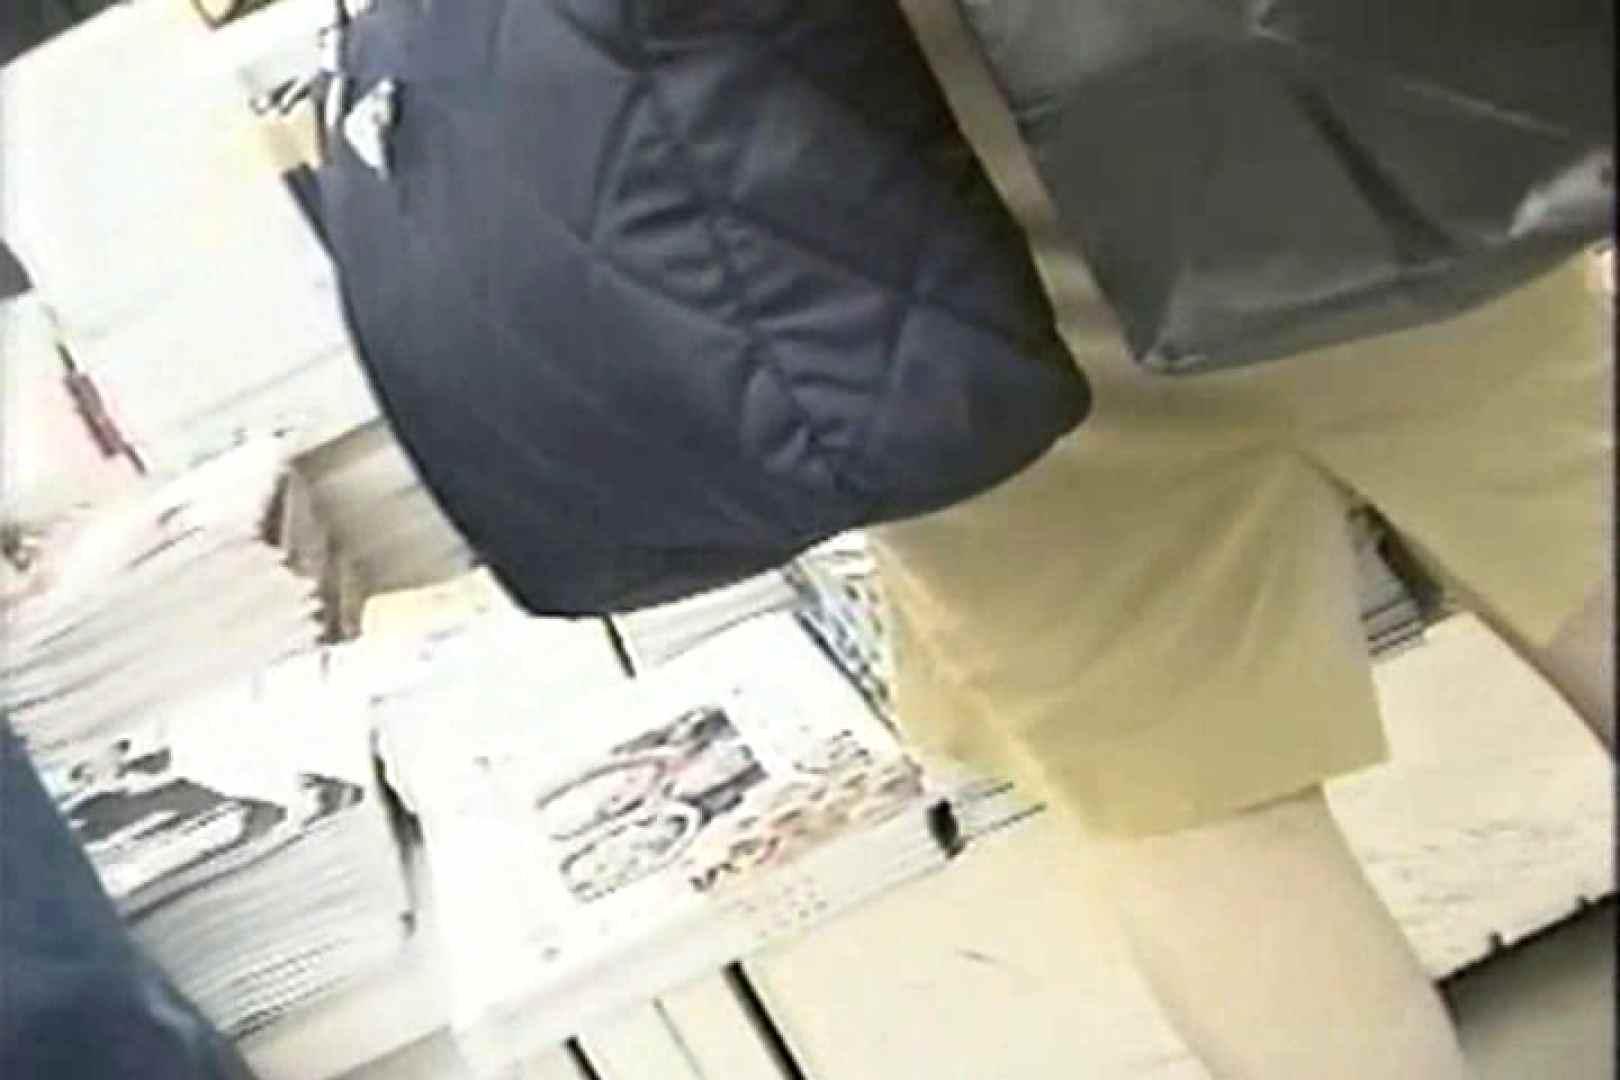 投稿盗撮 女子の下着の考察TK-043 ギャルのエロ動画 おまんこ動画流出 68画像 25